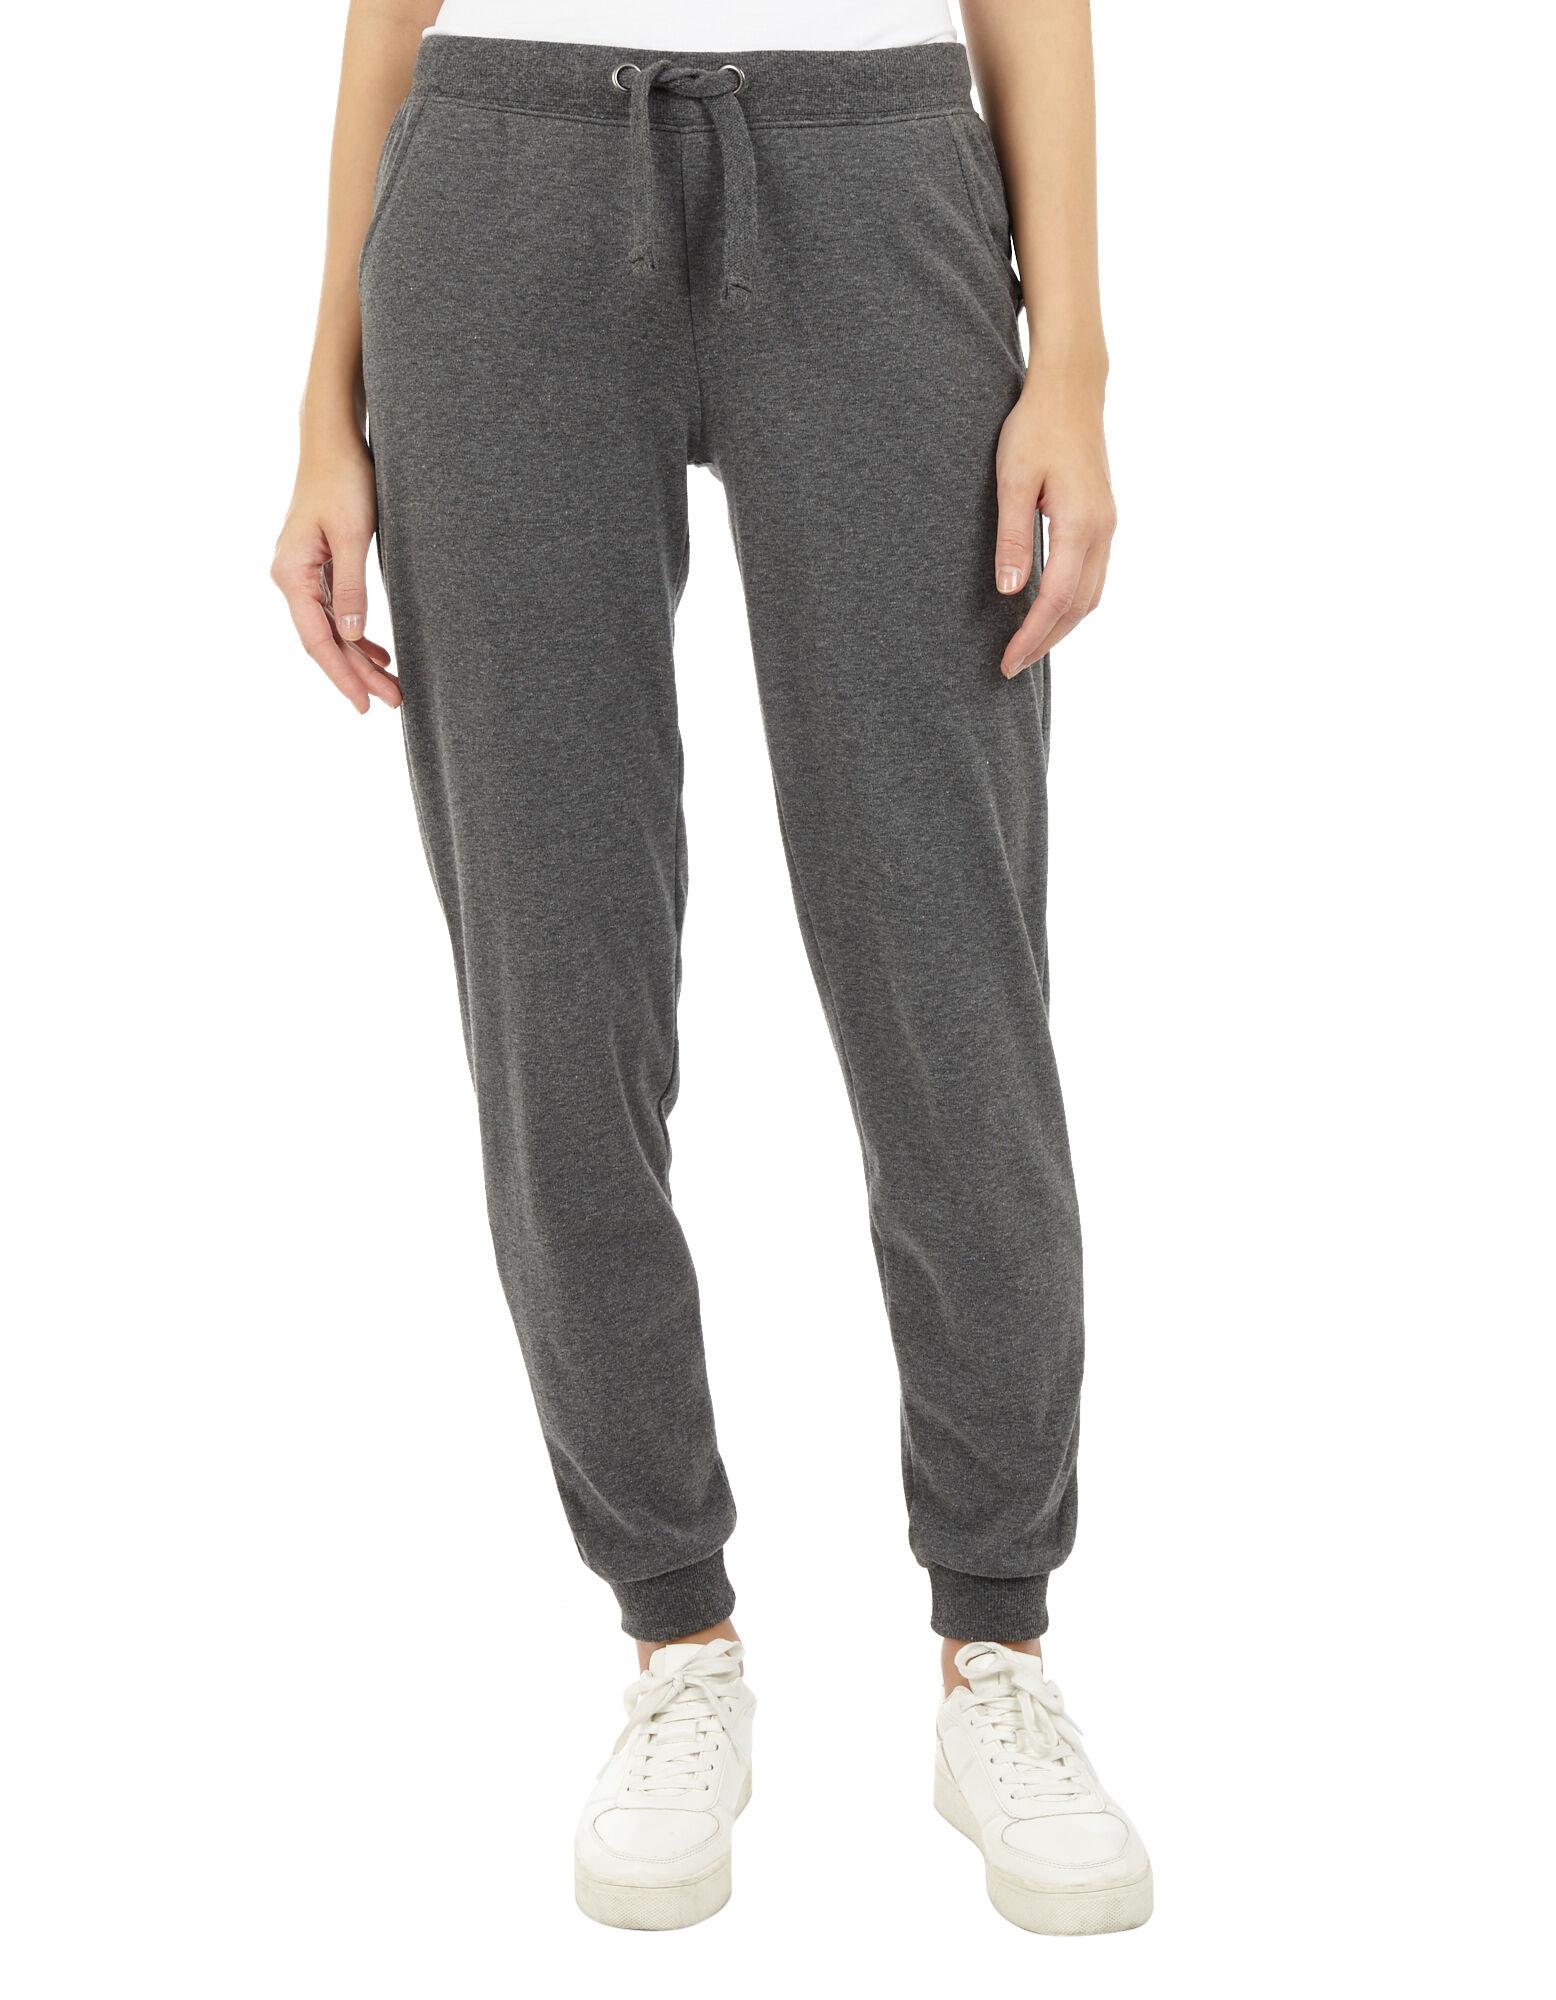 Damen Jogginghosen günstig kaufen? Takko Fashion